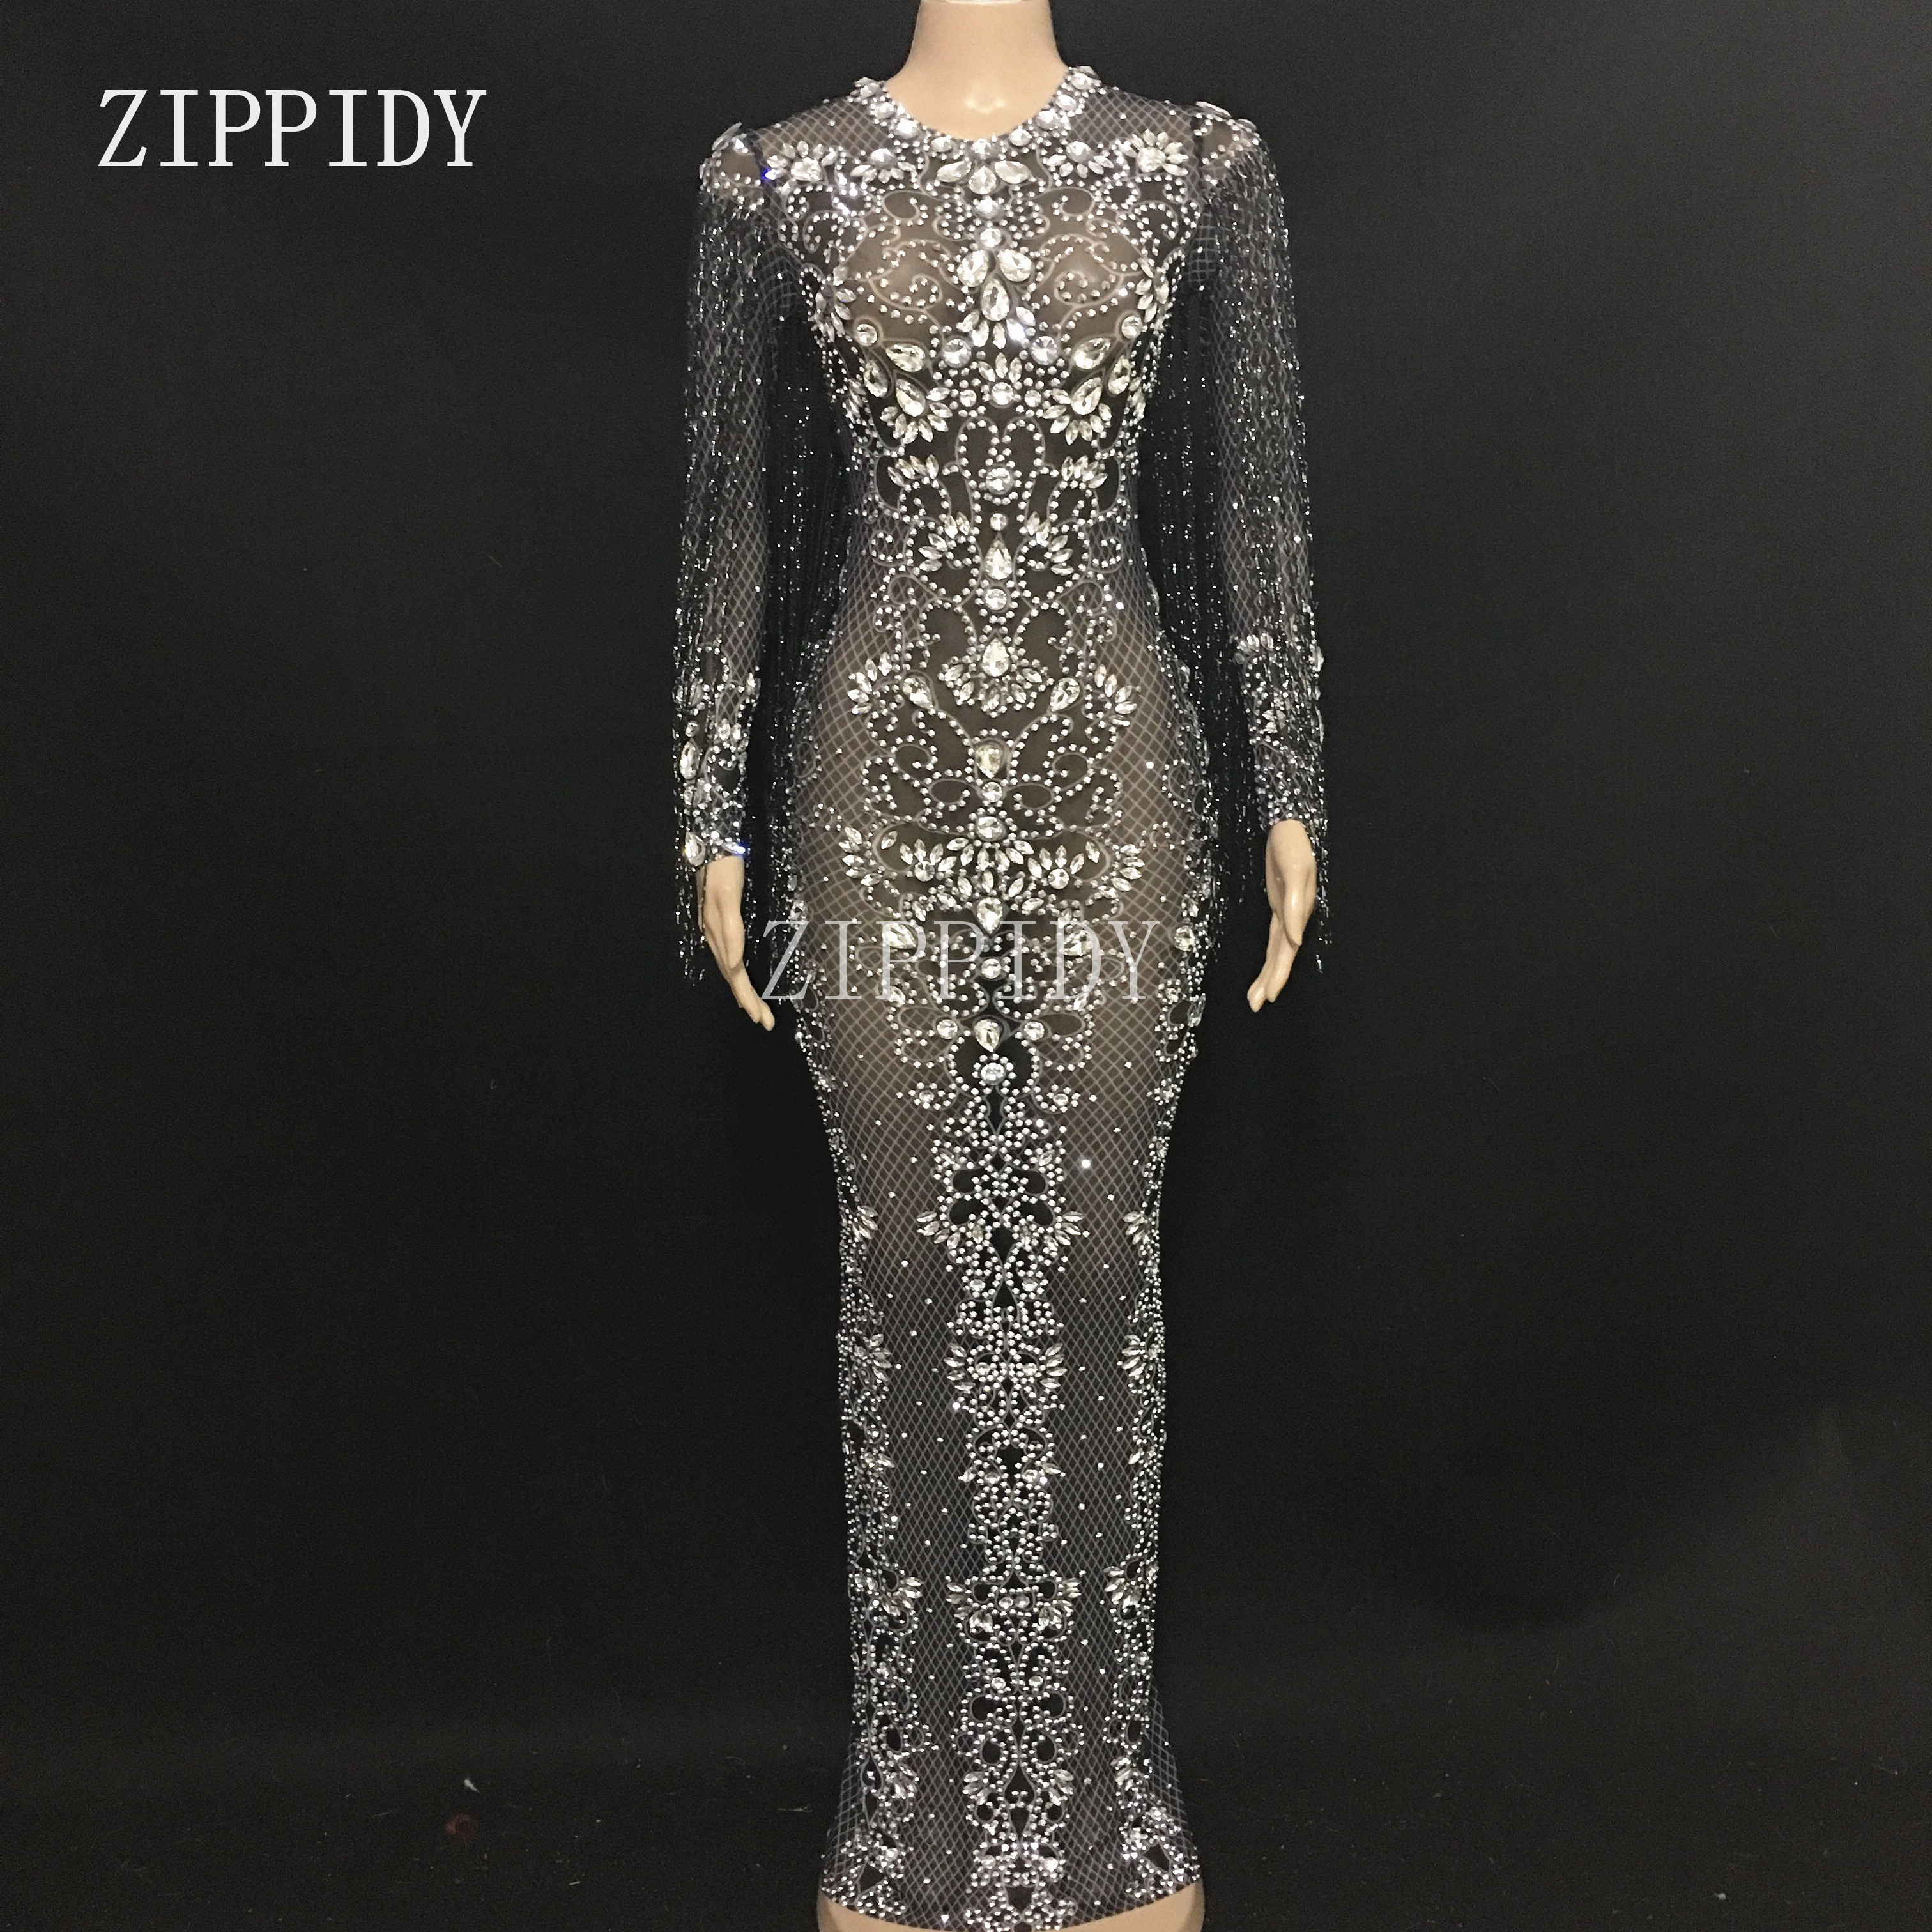 Maille noire voir à travers les cristaux longue robe soirée strass robes anniversaire gland Costume franges robe YOUDU-in Robes from Mode Femme et Accessoires    1